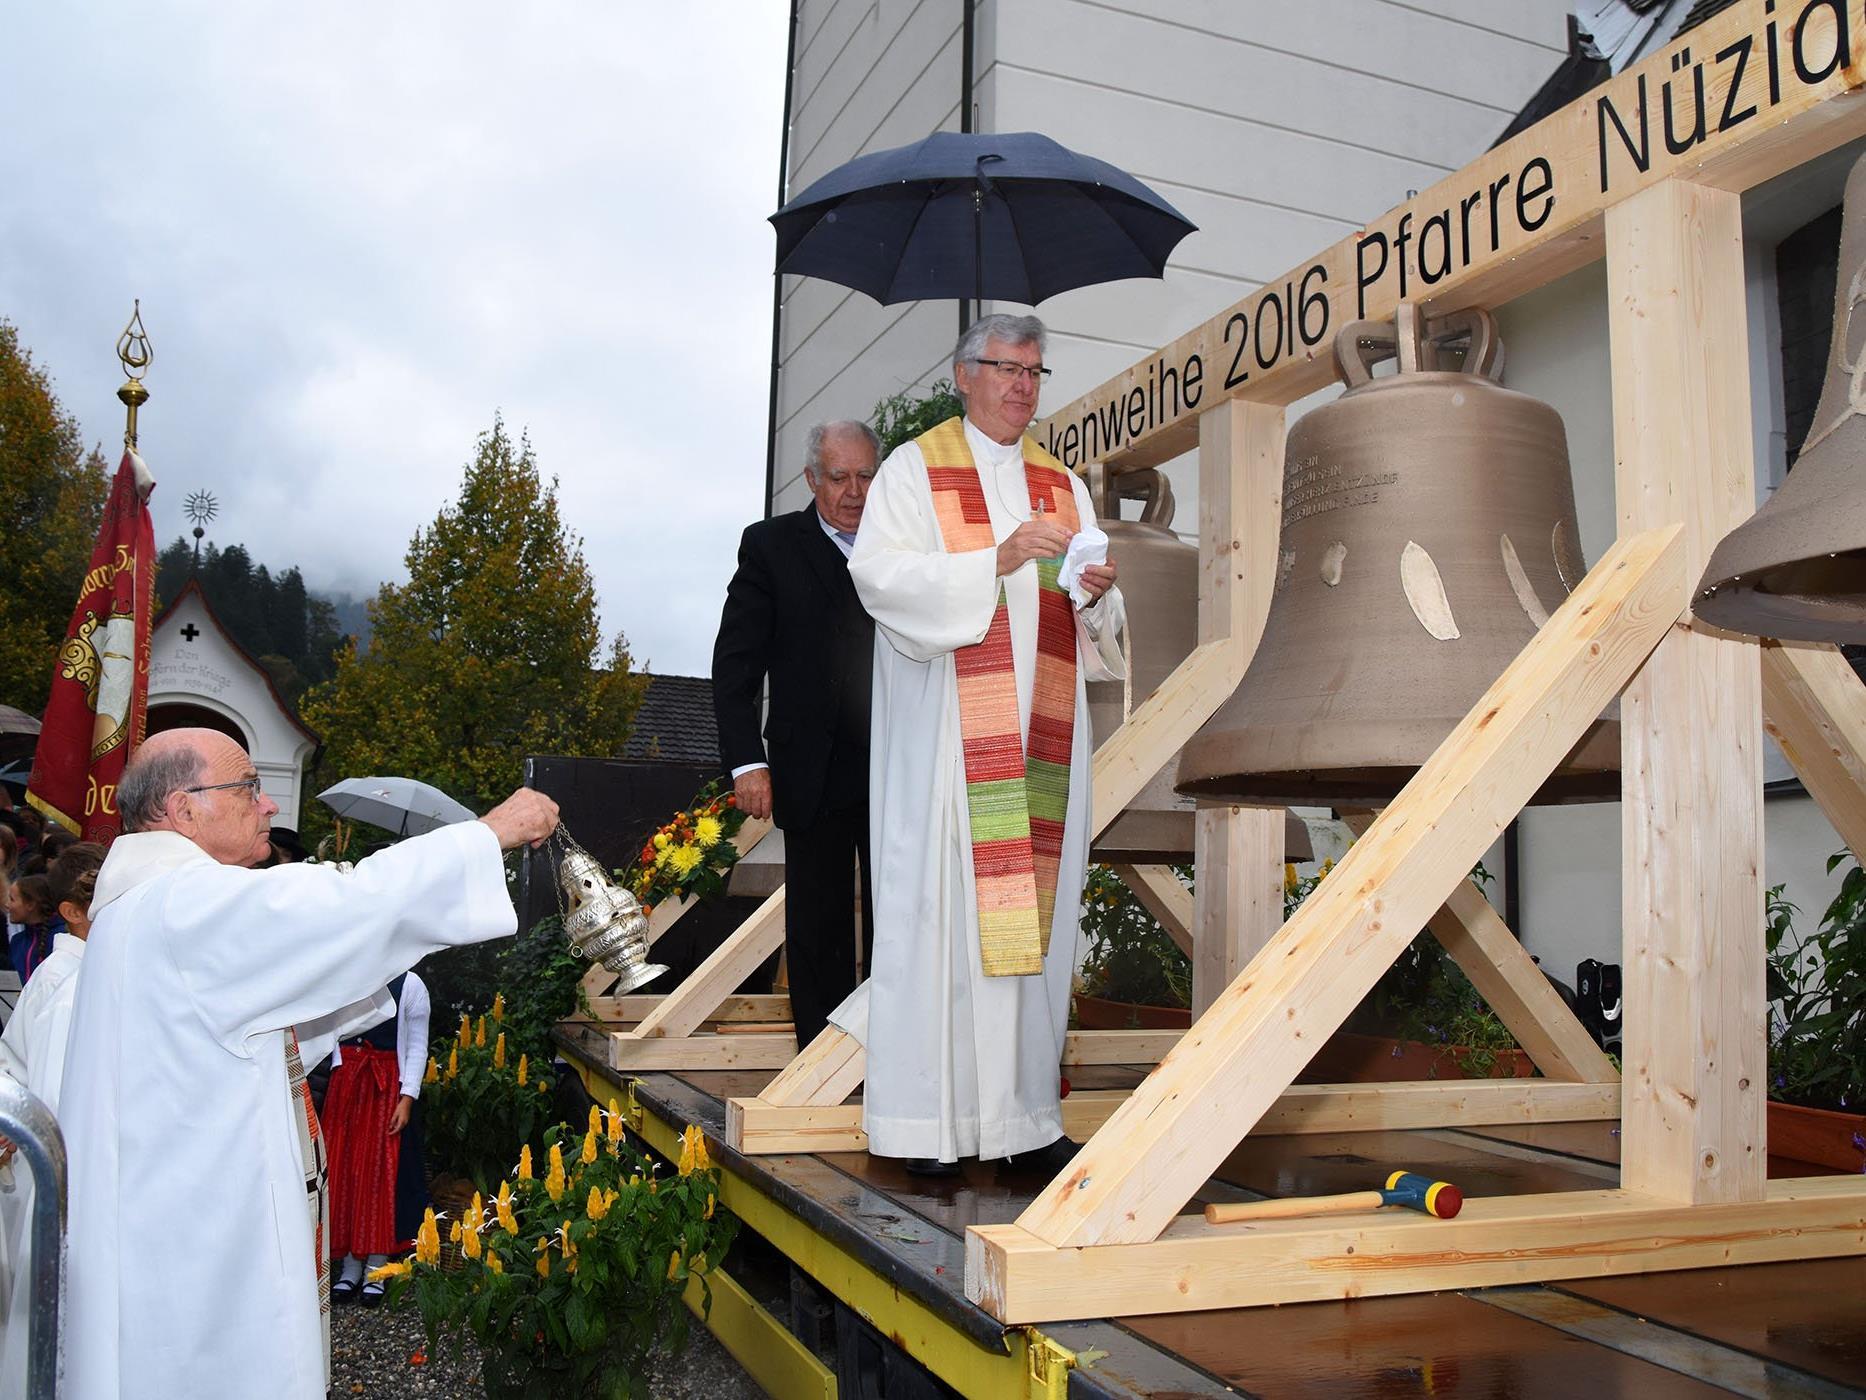 Glockenweihe in der Pfarrgemeinde Nüziders: Pfarrer Karl Bleiberschnigg und Generalvikar Rudolf Bischof mit dem neuen Geläute.